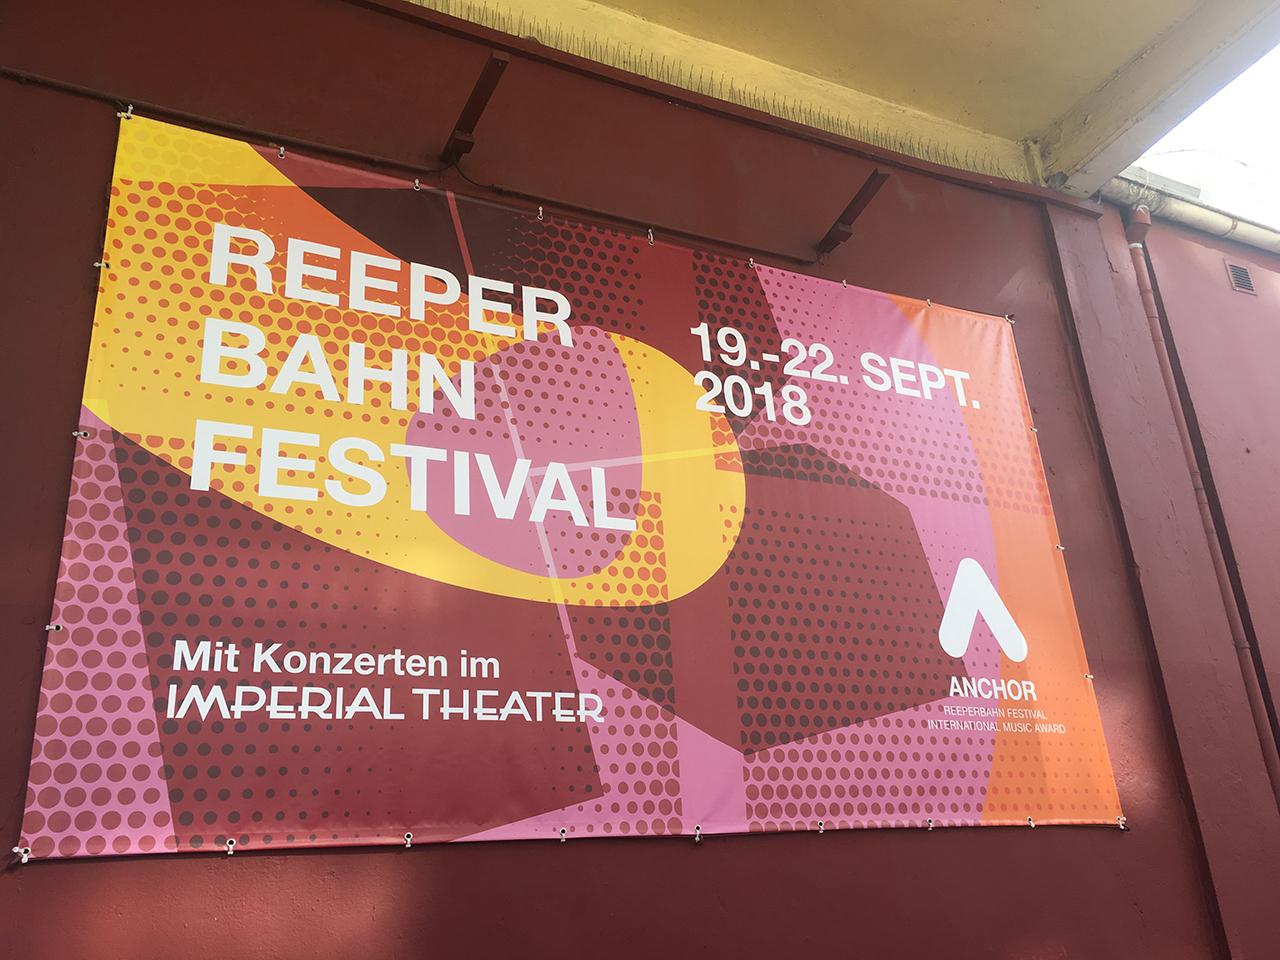 Feierwerk_Blog_Kultur_Reeperbahn_Festival_Titelbild